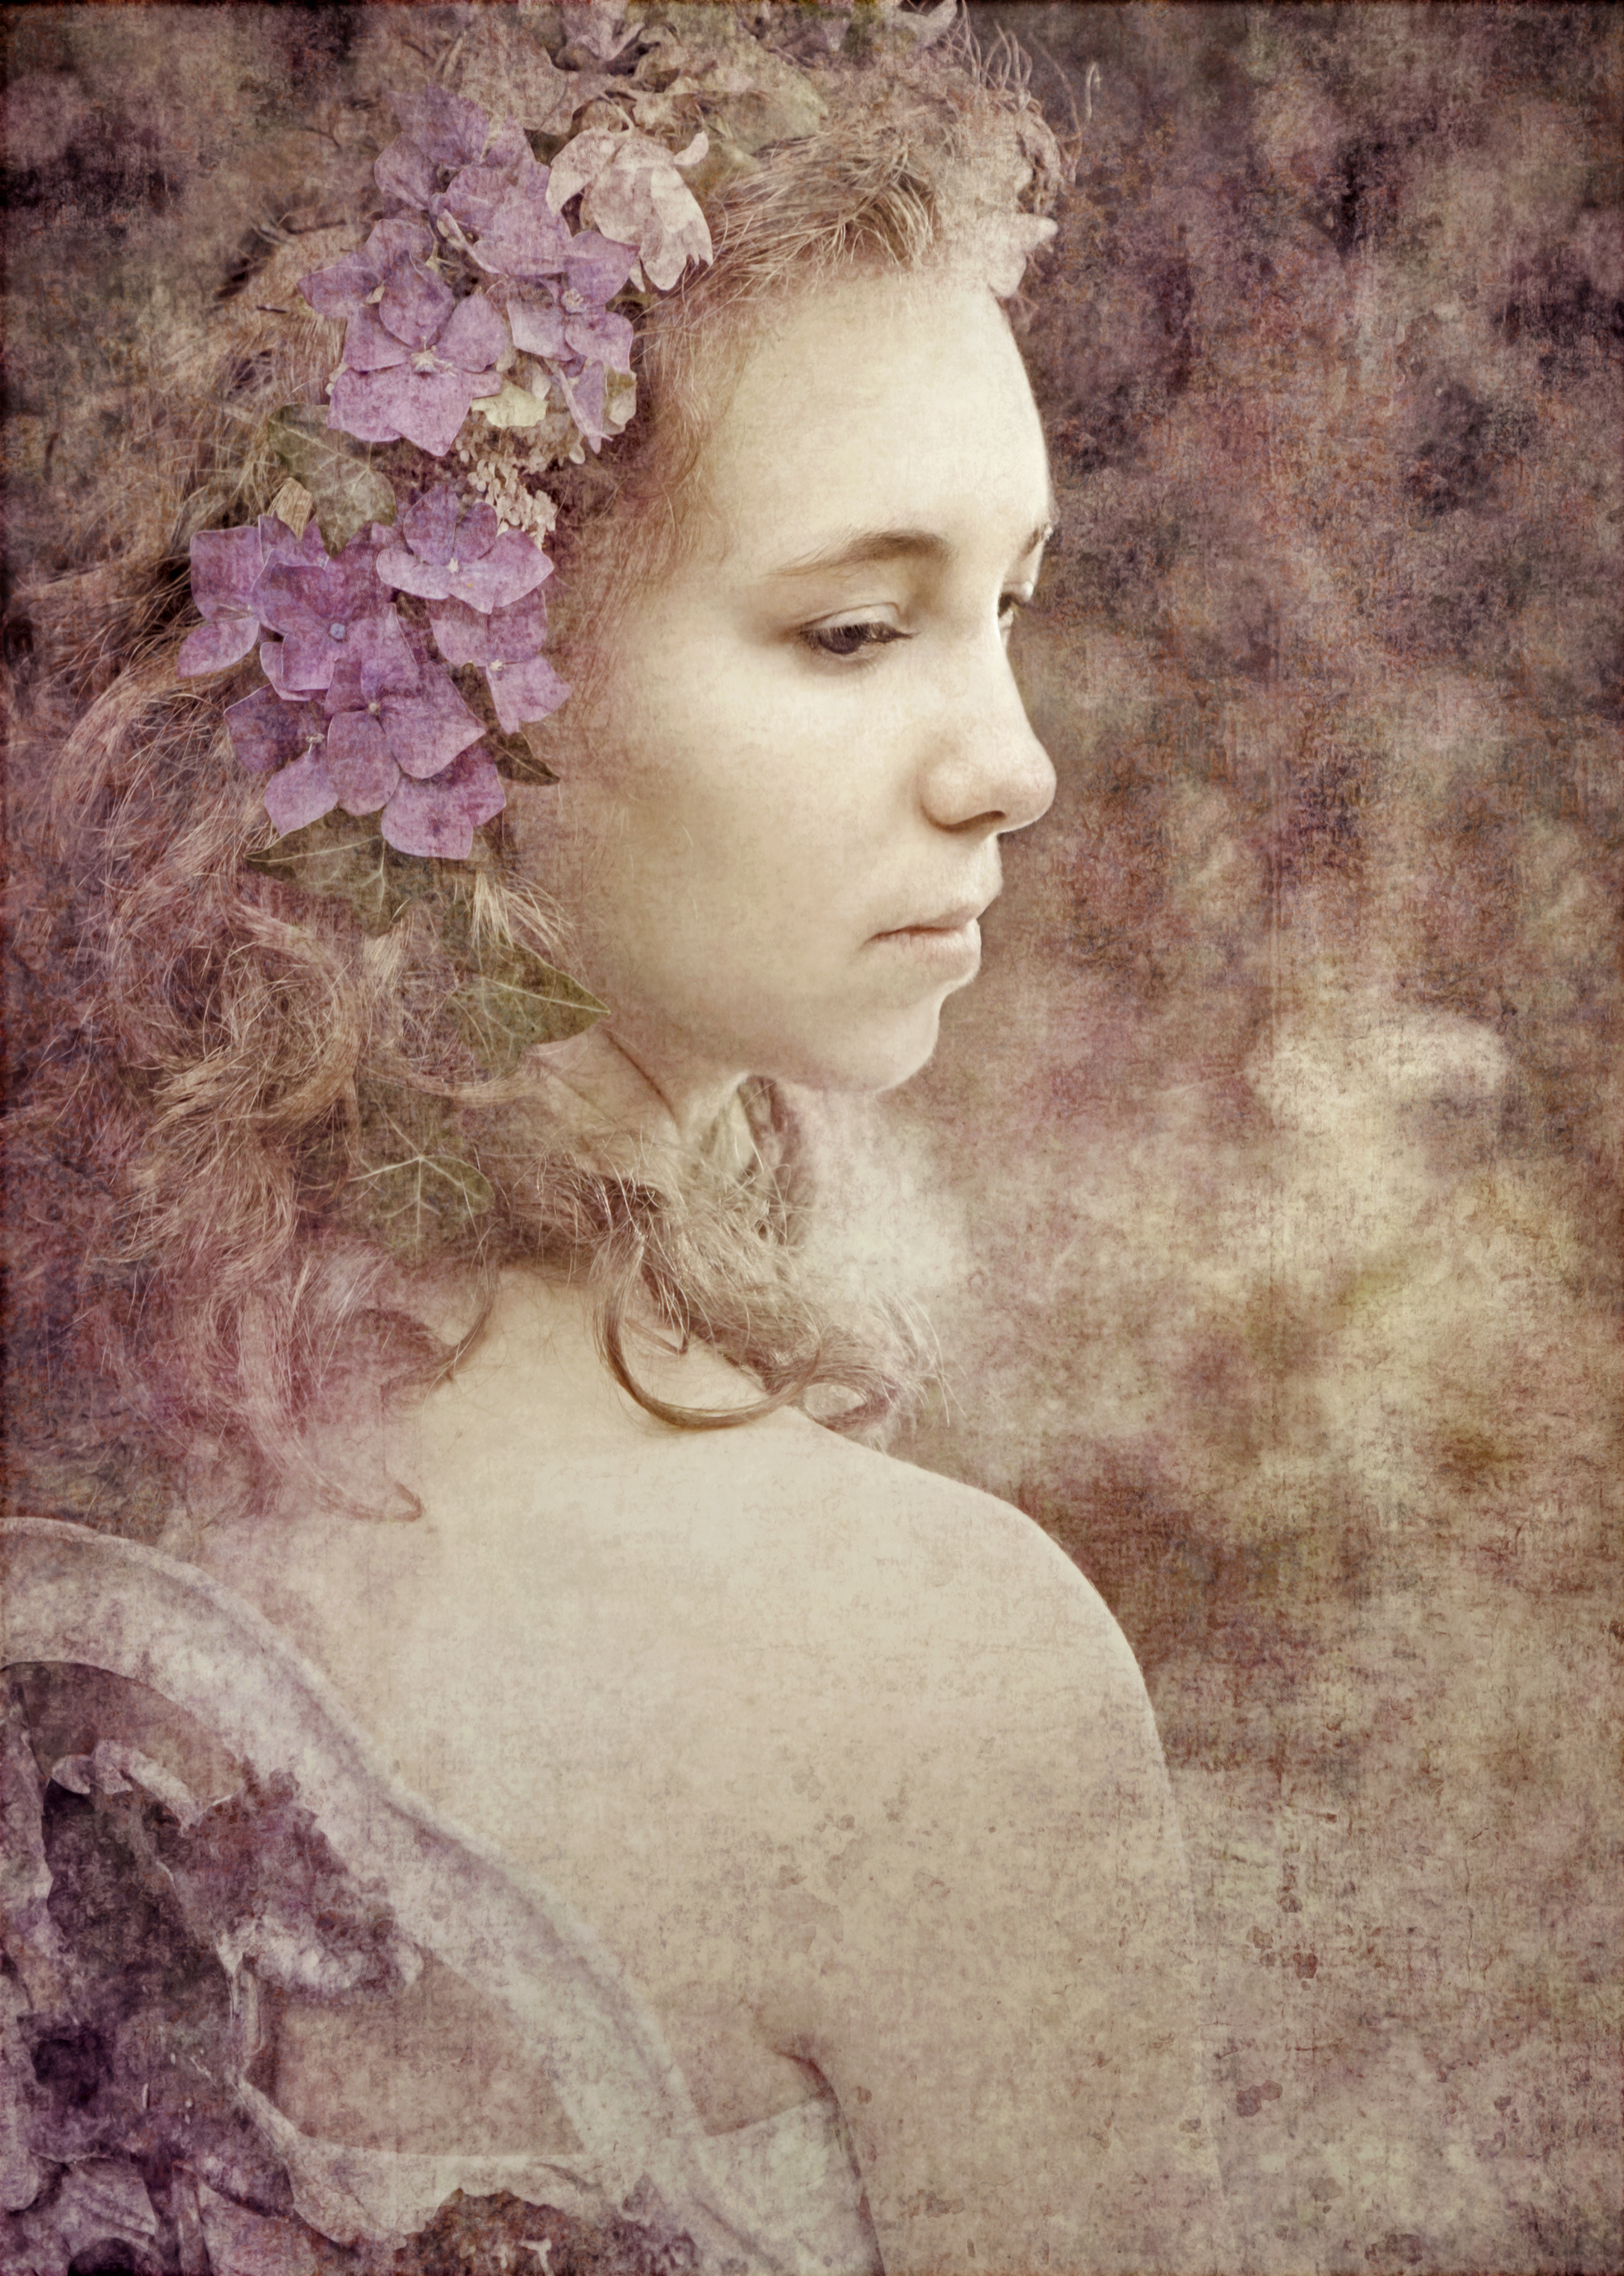 portret-fotograaf-kunst-art-fine-art